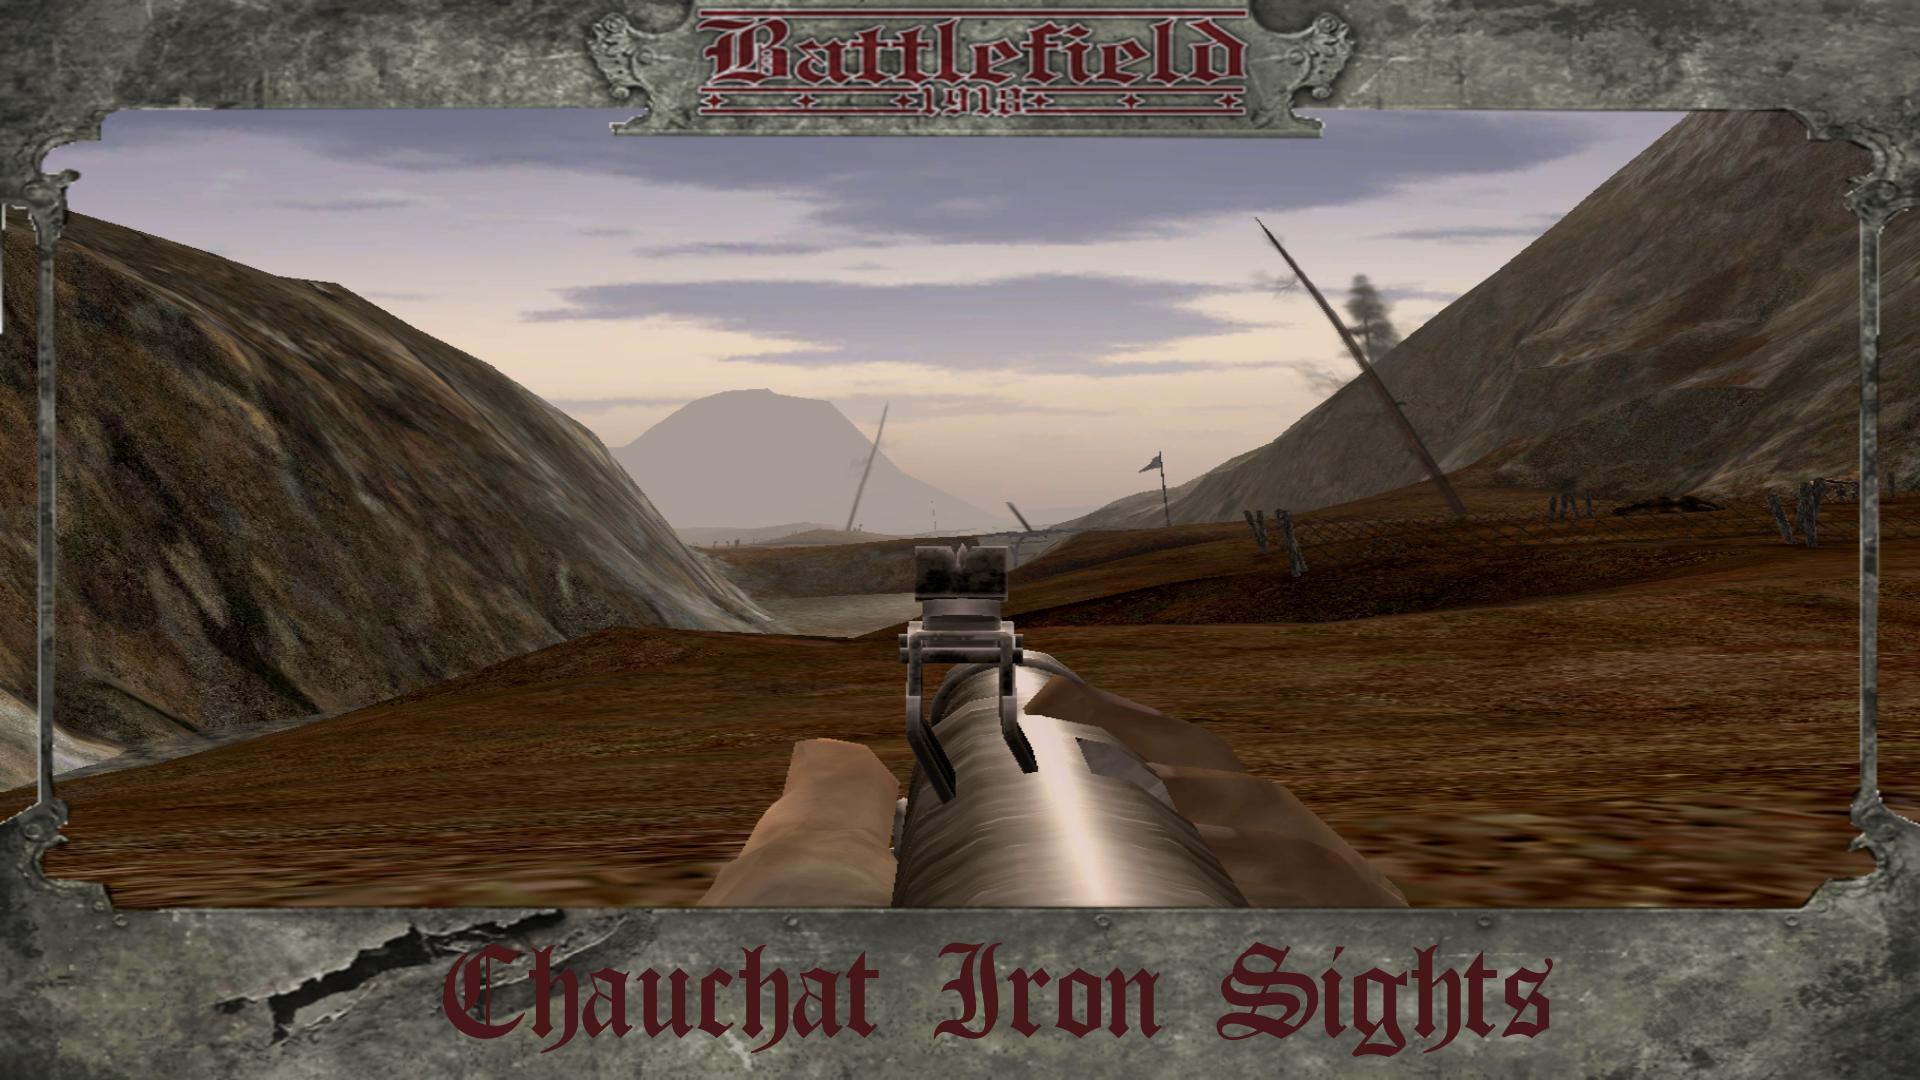 Chauchat Iron Sights